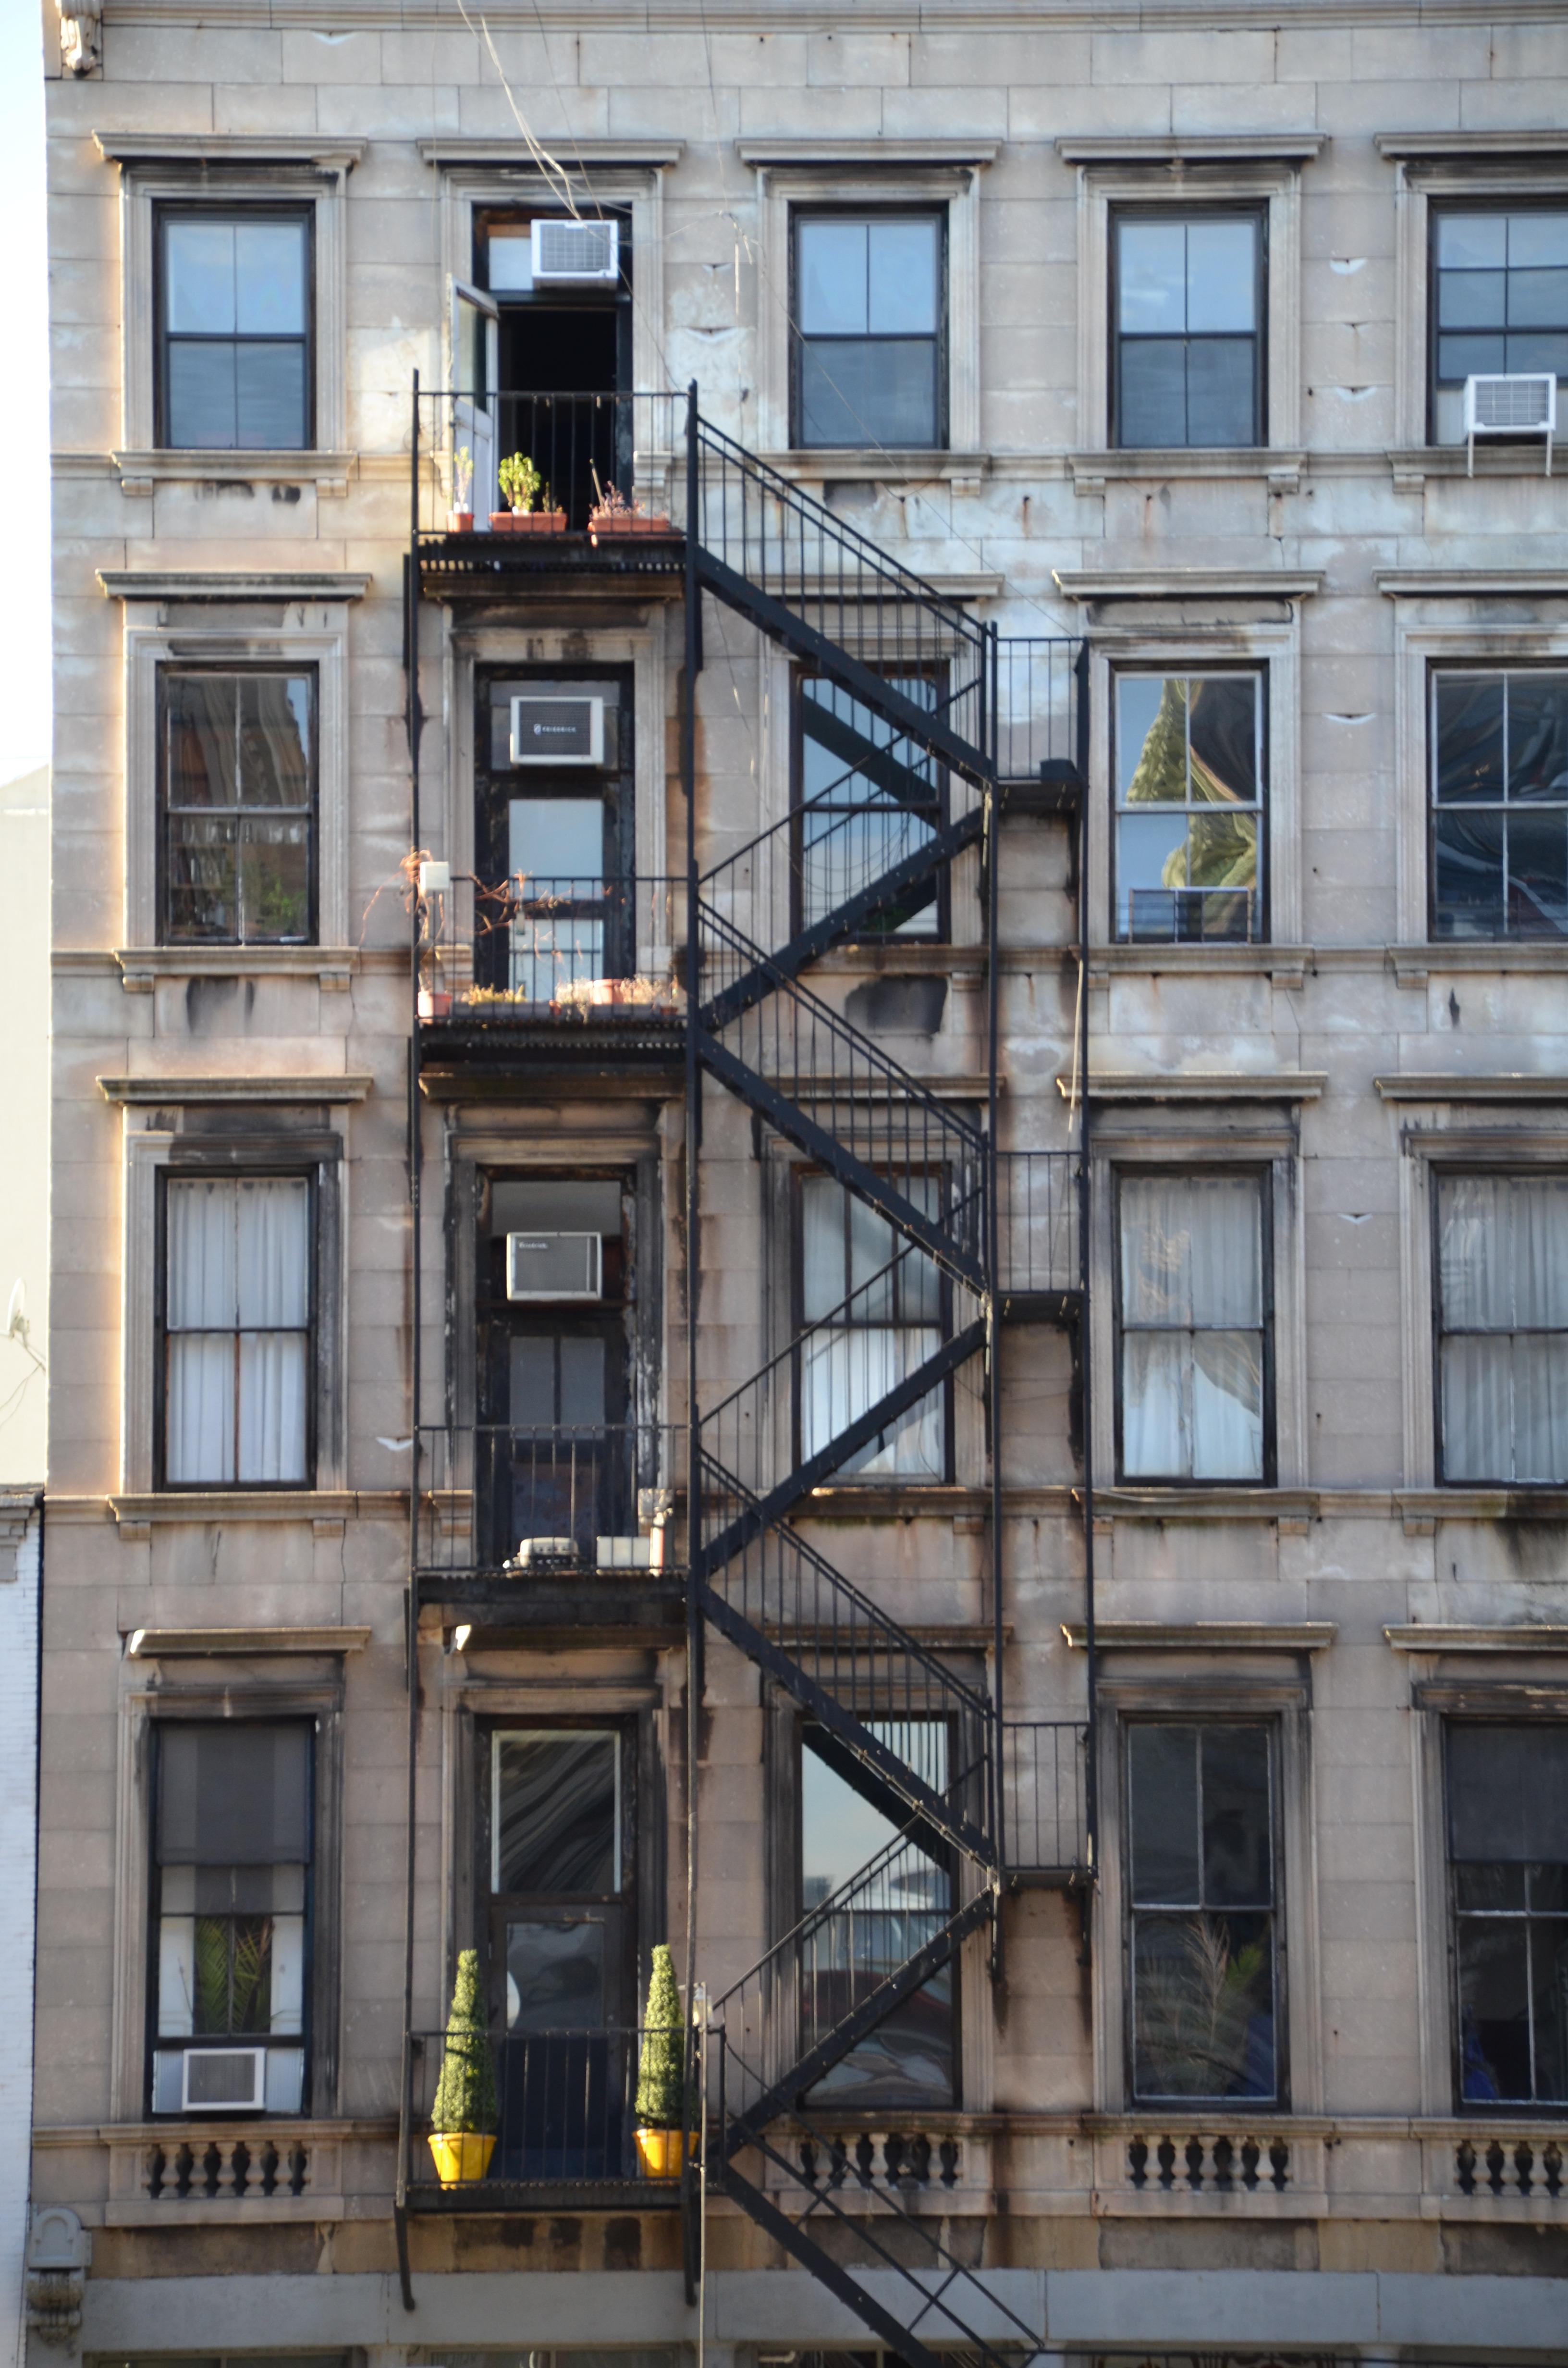 Gambar arsitektur rumah besar bangunan new york pusat kota balkon penglihatan milik - Pisos en new york ...